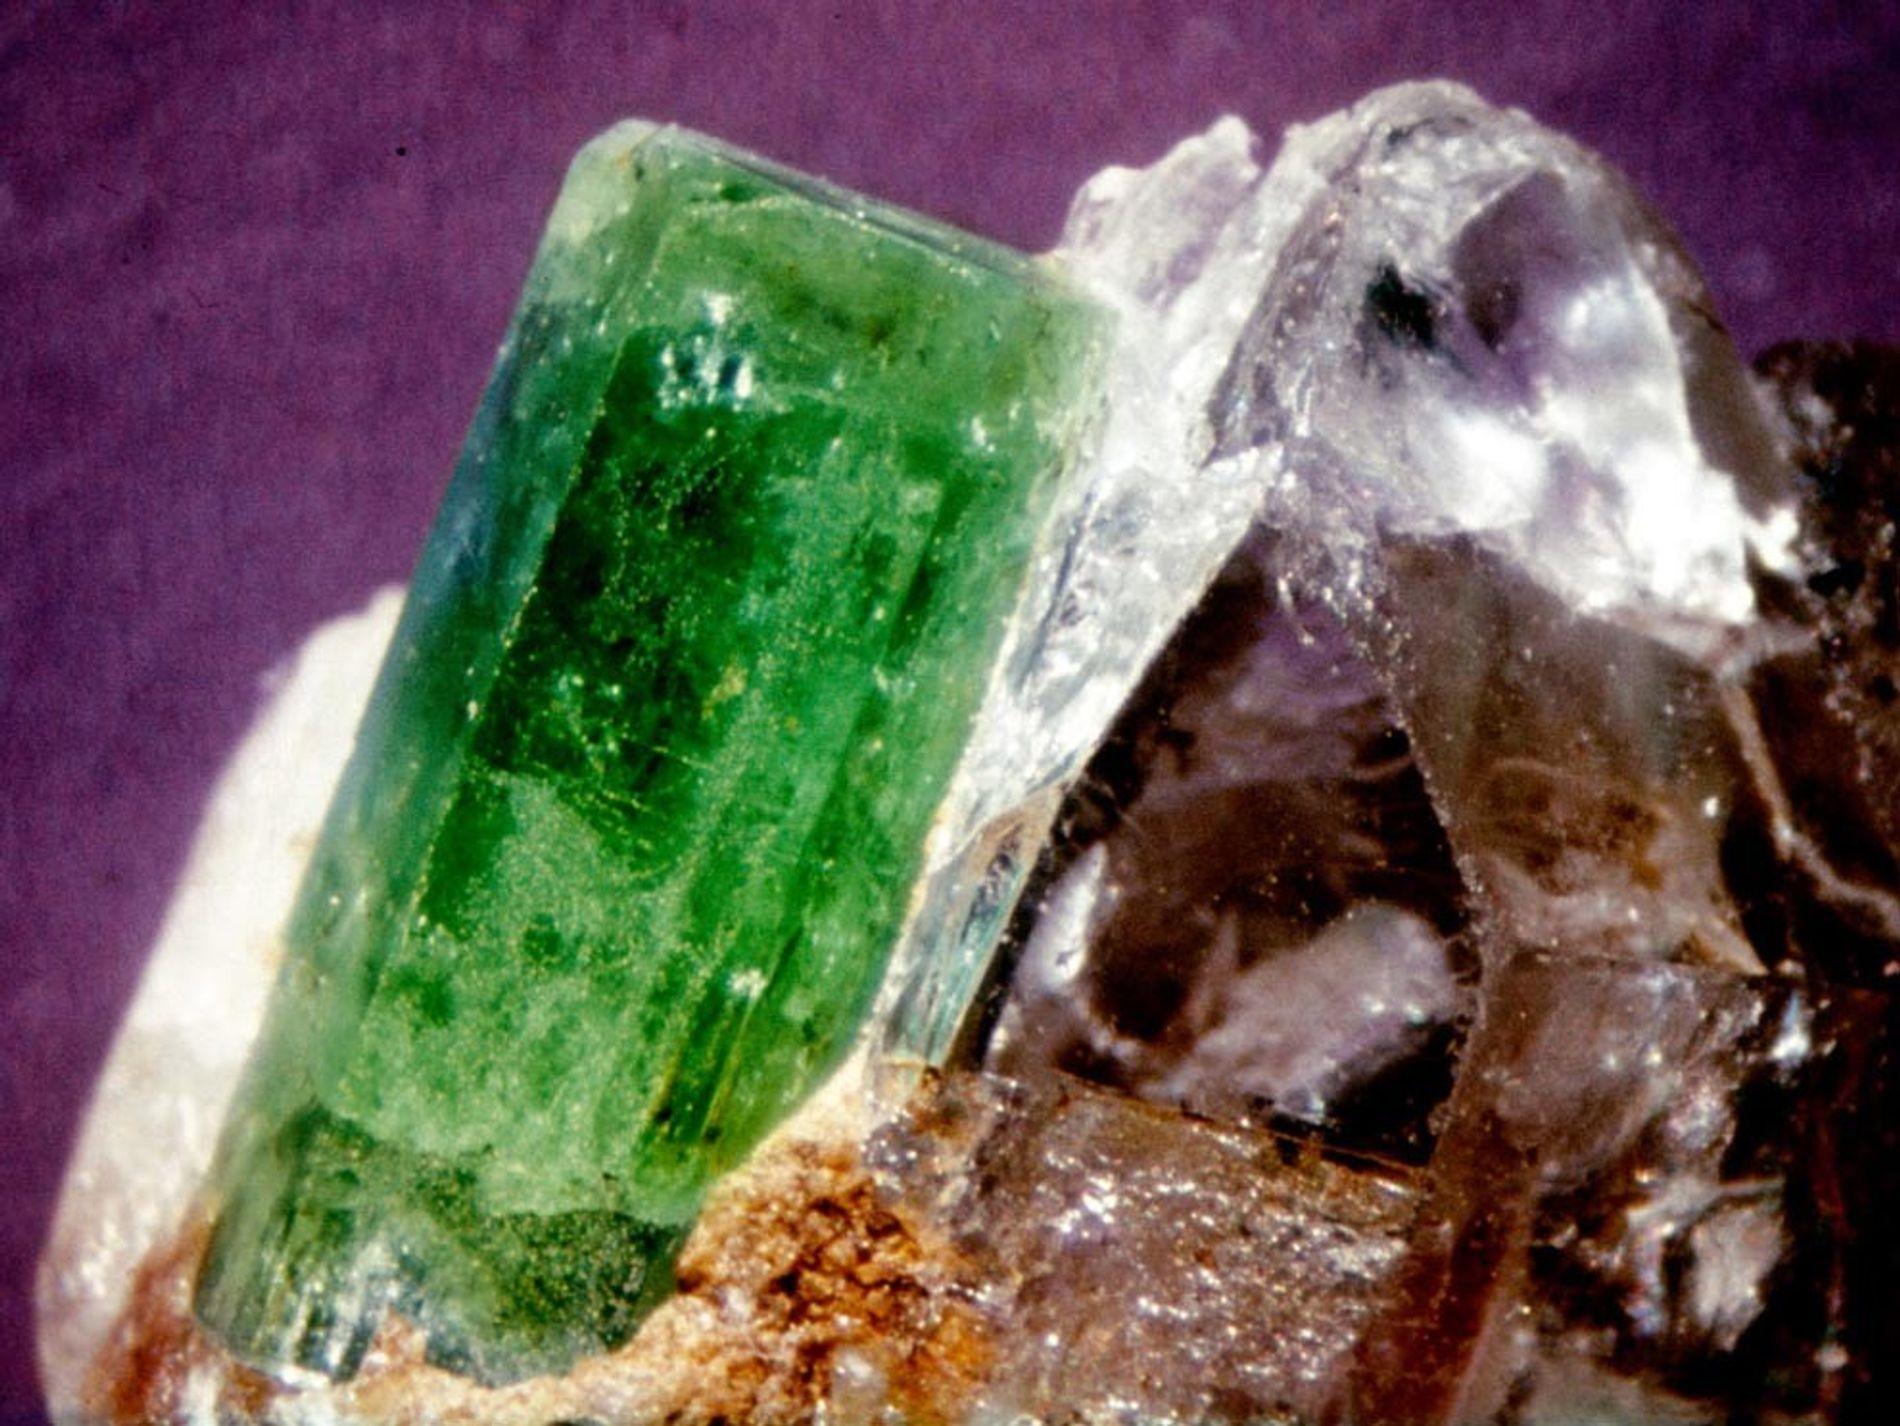 Cuando el mineral berilo adquiere un color verde, se conoce como esmeralda. Algunas de las mejores …